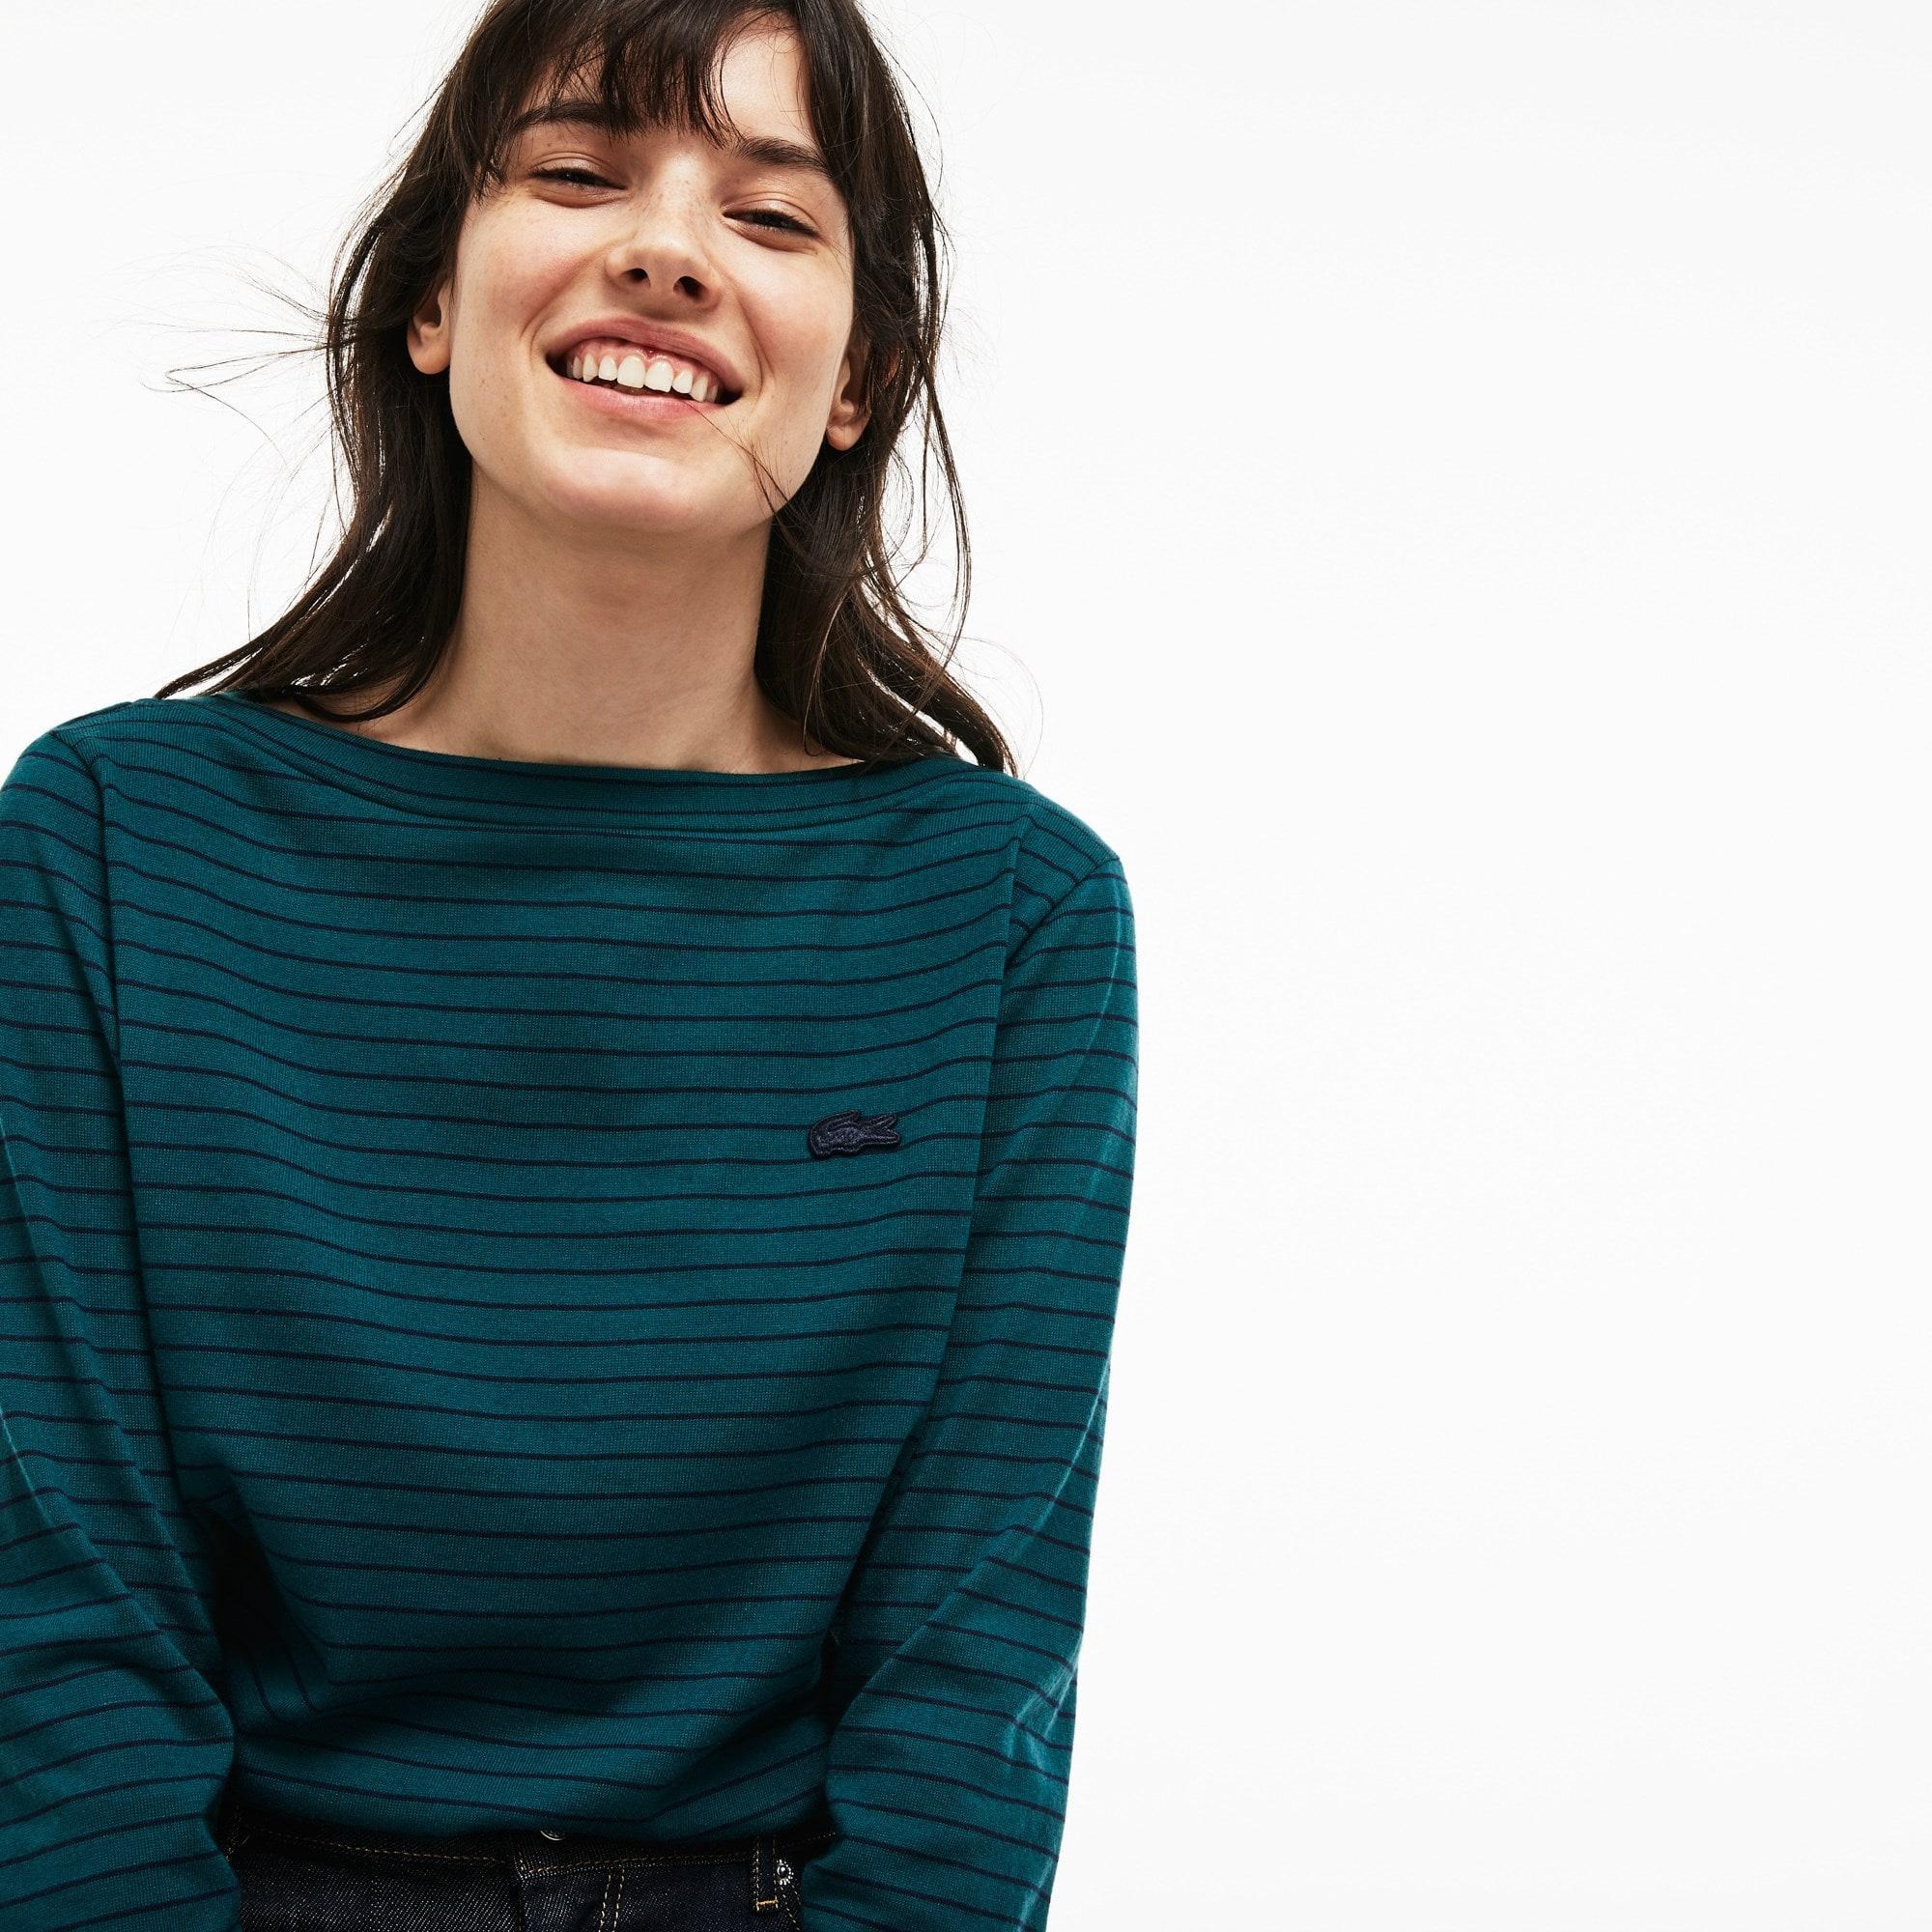 Camiseta De Mujer Náutica En Tejido De Punto De Algodón De Rayas Con Cuello Barco